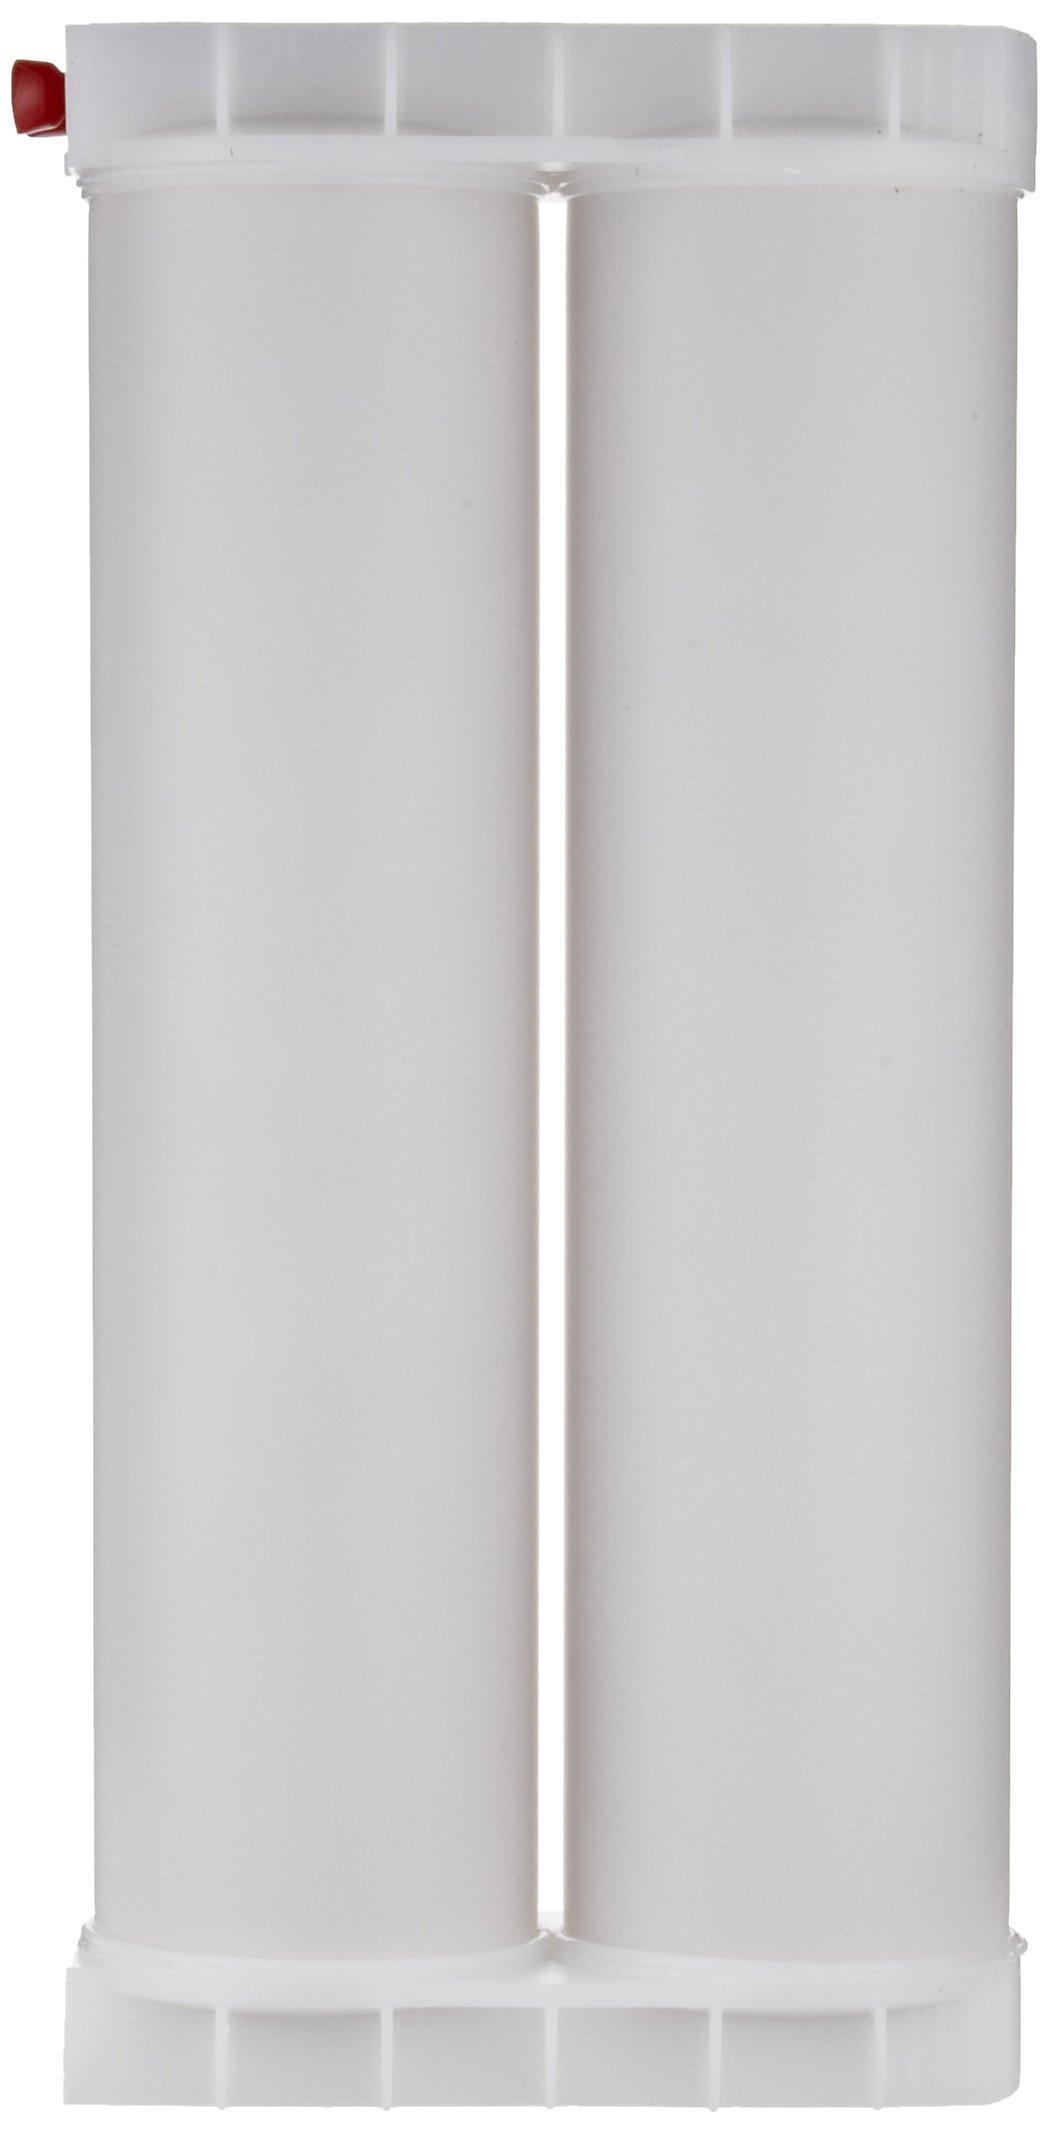 Elga LC141 Deionisation Cartridge, For Medica and Purelab